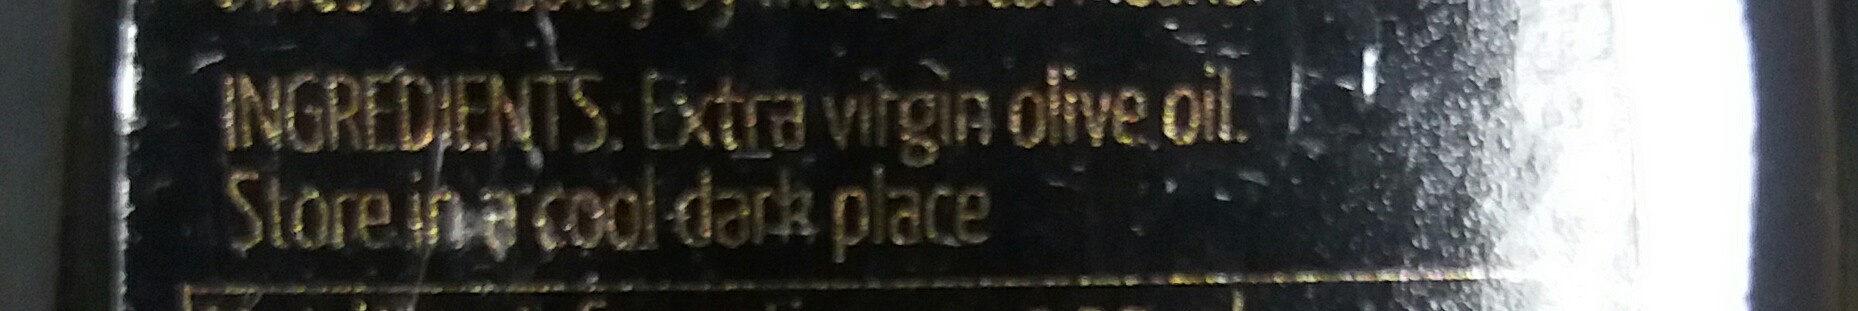 extra virgin olive oil - Thành phần - en